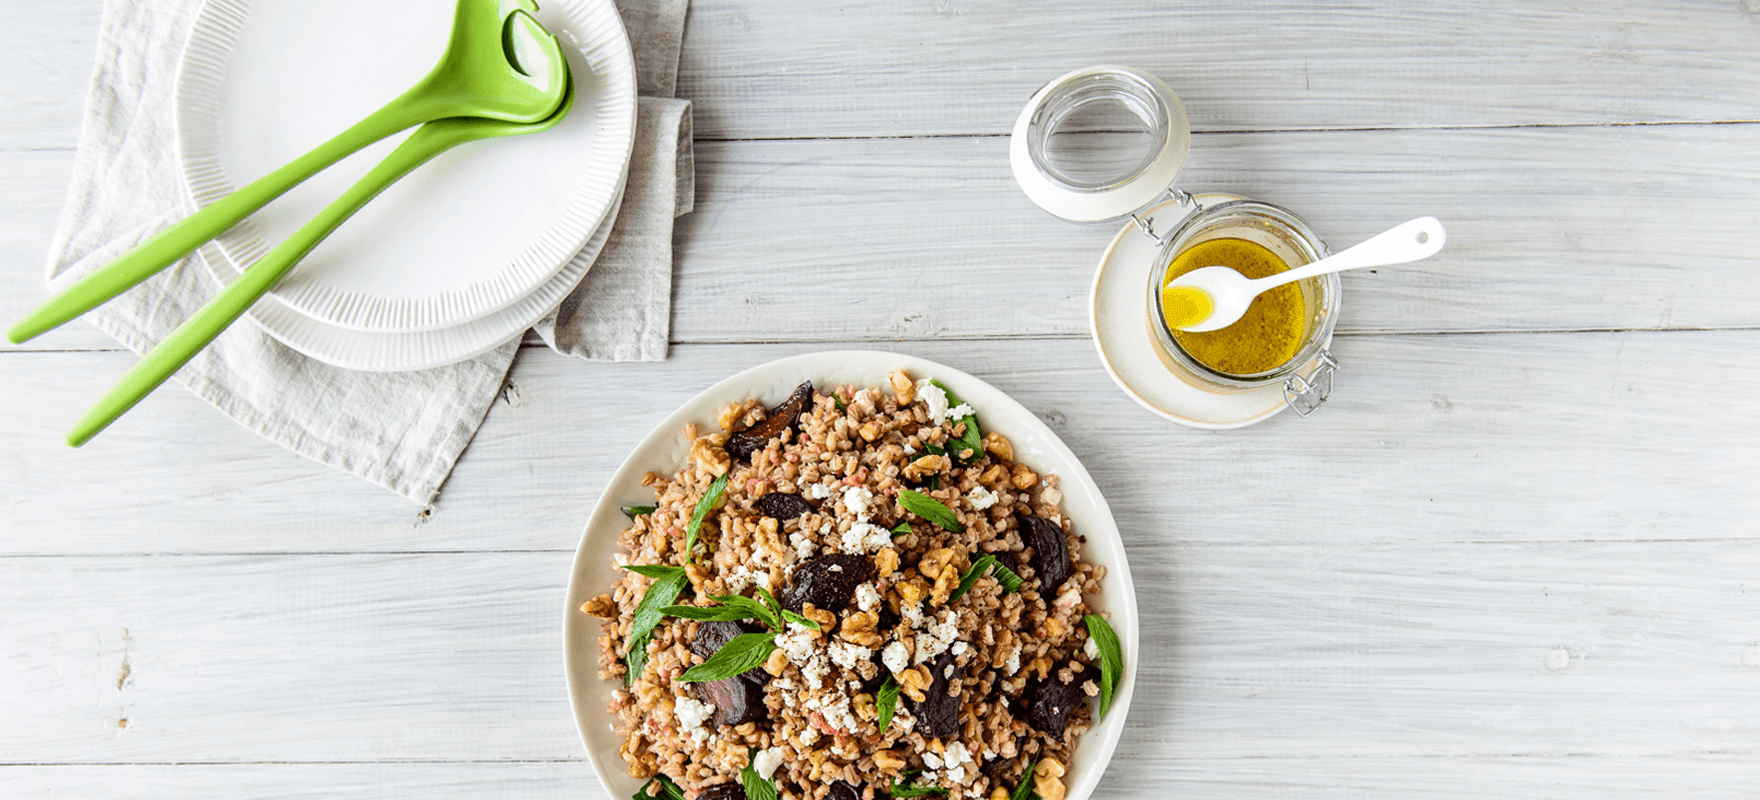 Pearl barley, beetroot and sumac salad image 3